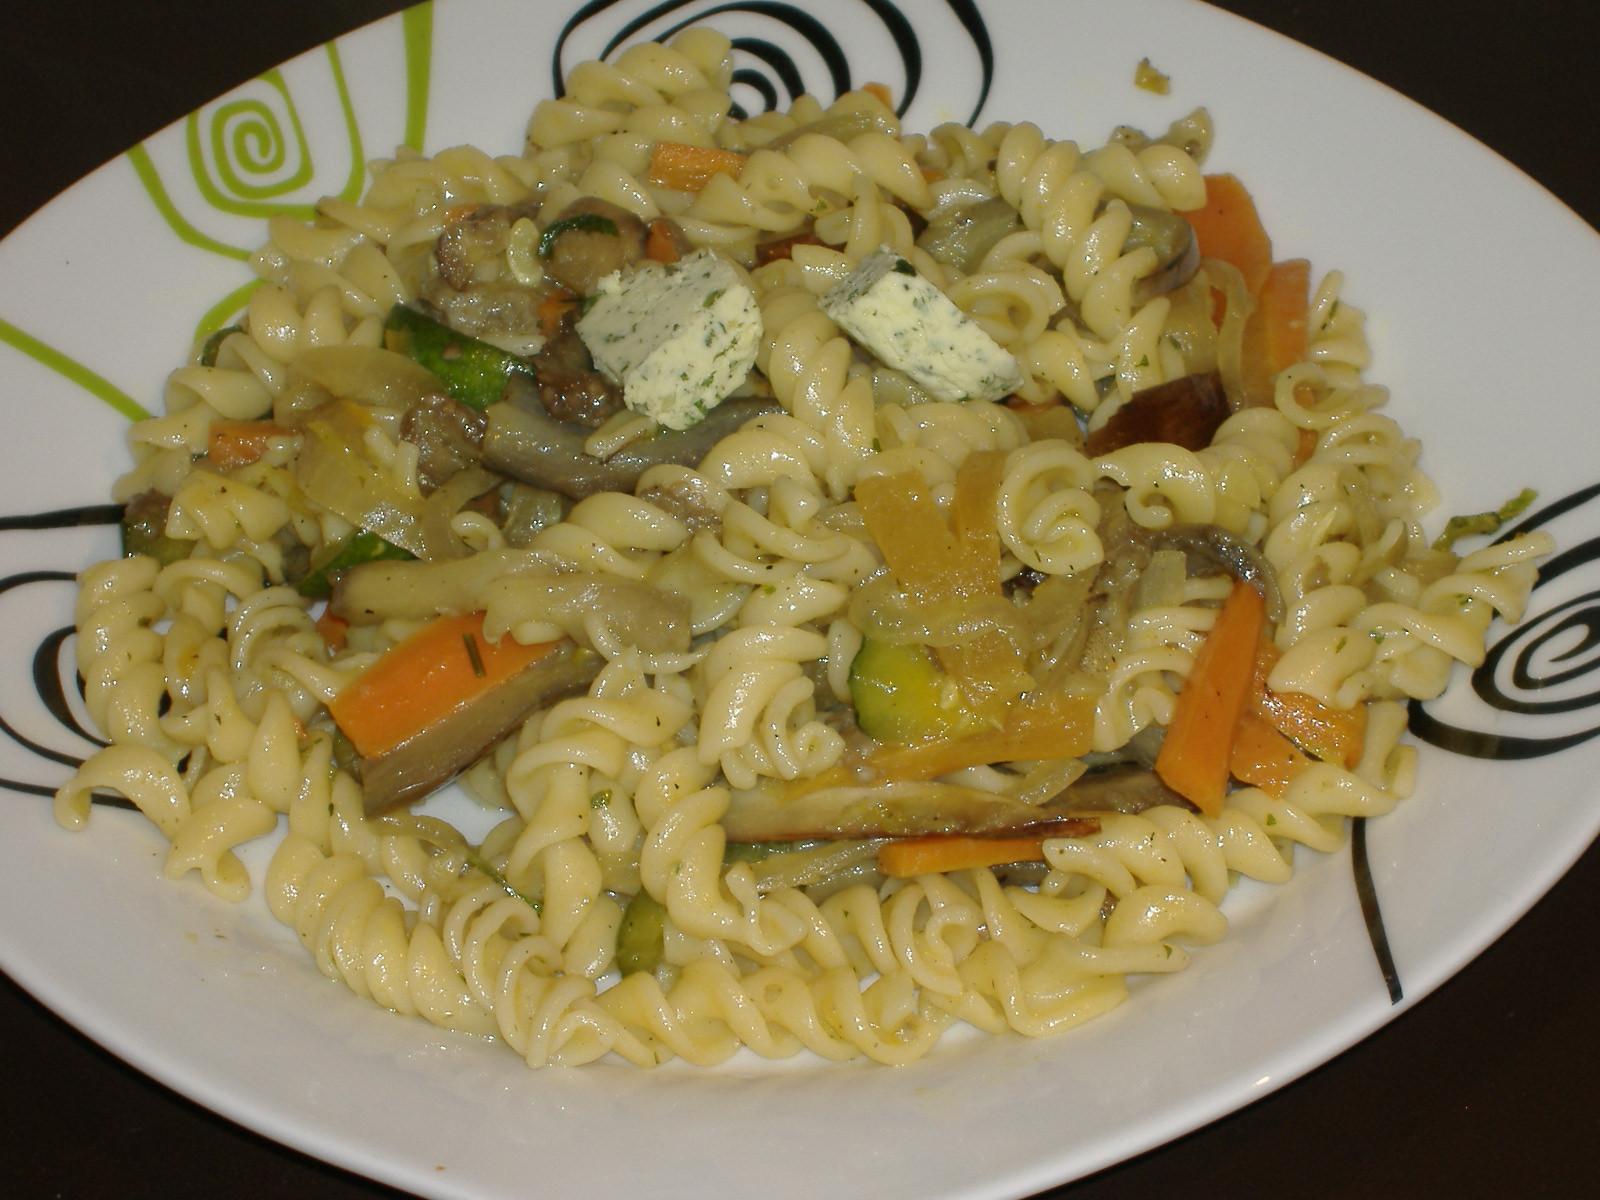 La poro comidas caseras hechas como en casa for Buscar comidas caseras